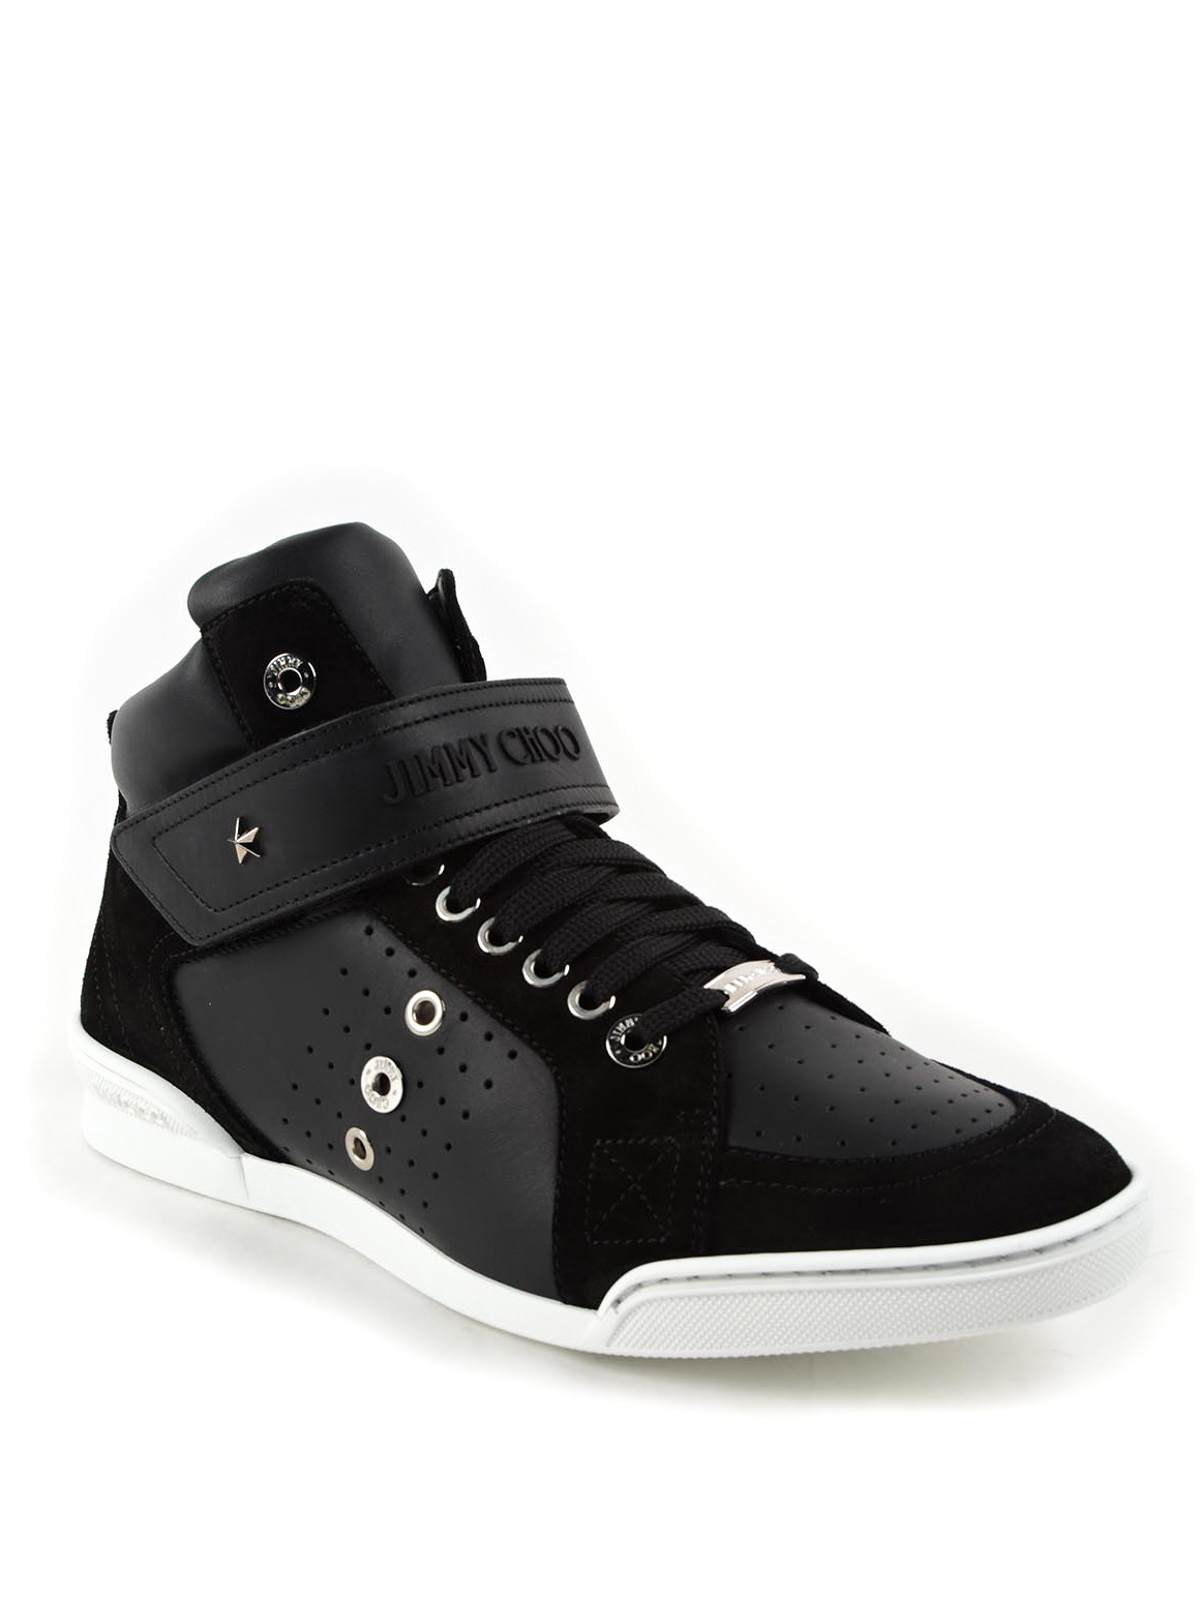 Jimmy Choo Sneakers Lewis Noir